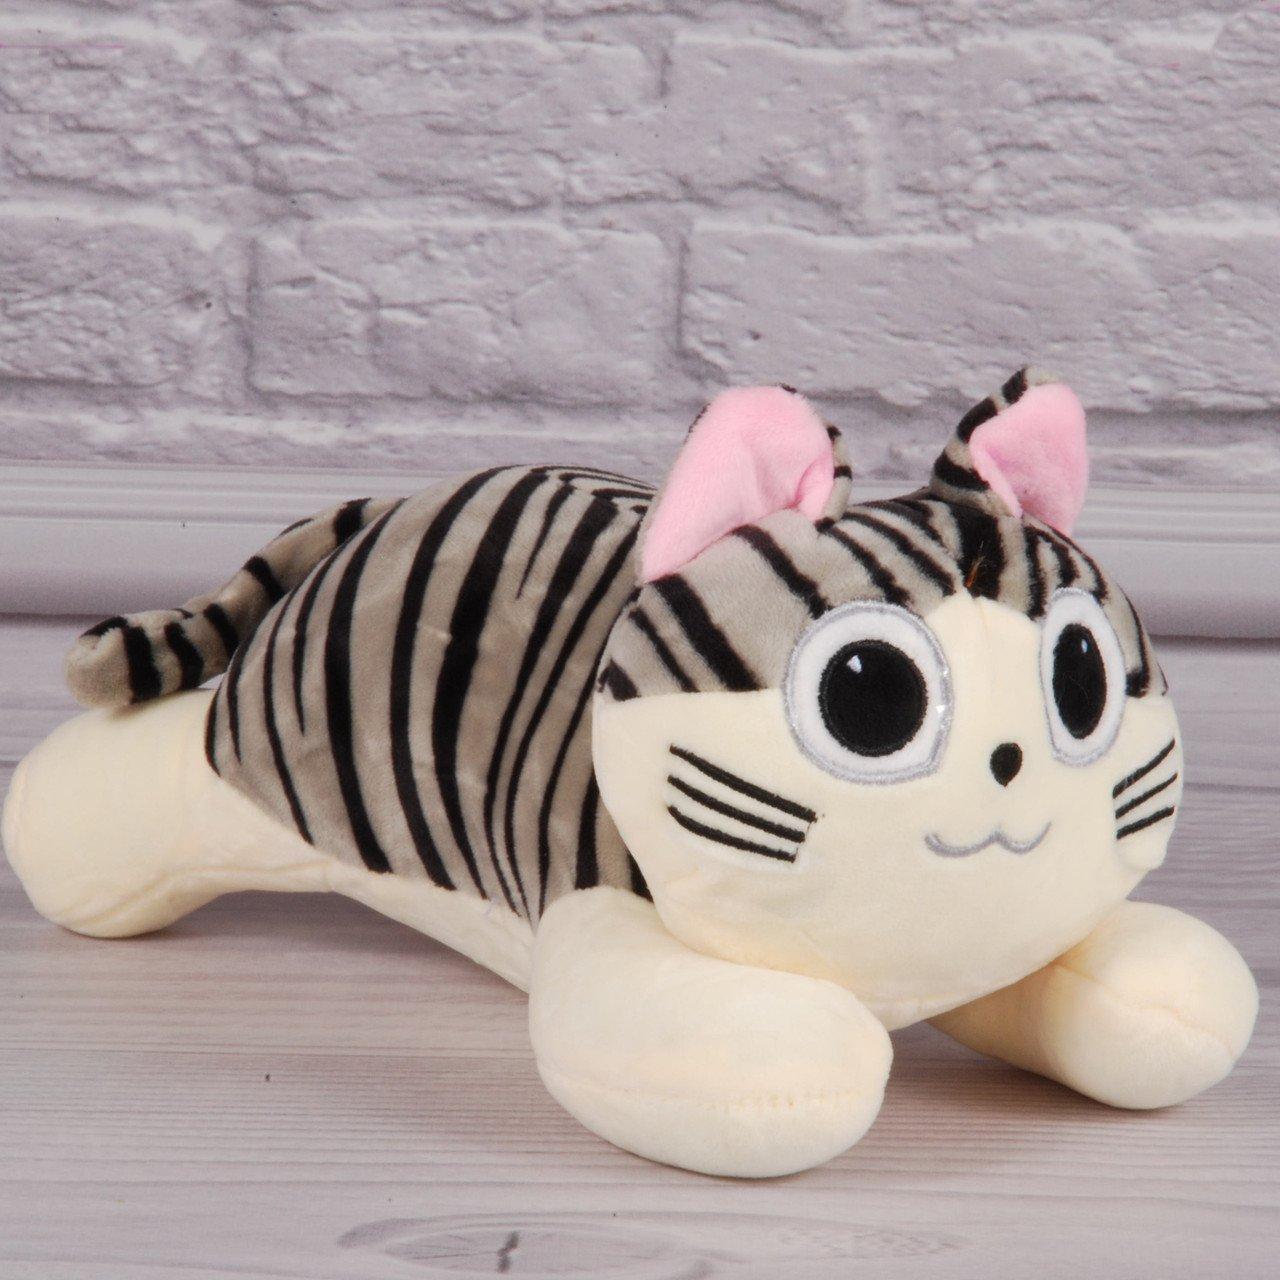 24982-2 Мягкая игрушка Котик Лунита 34 см тм Копиця